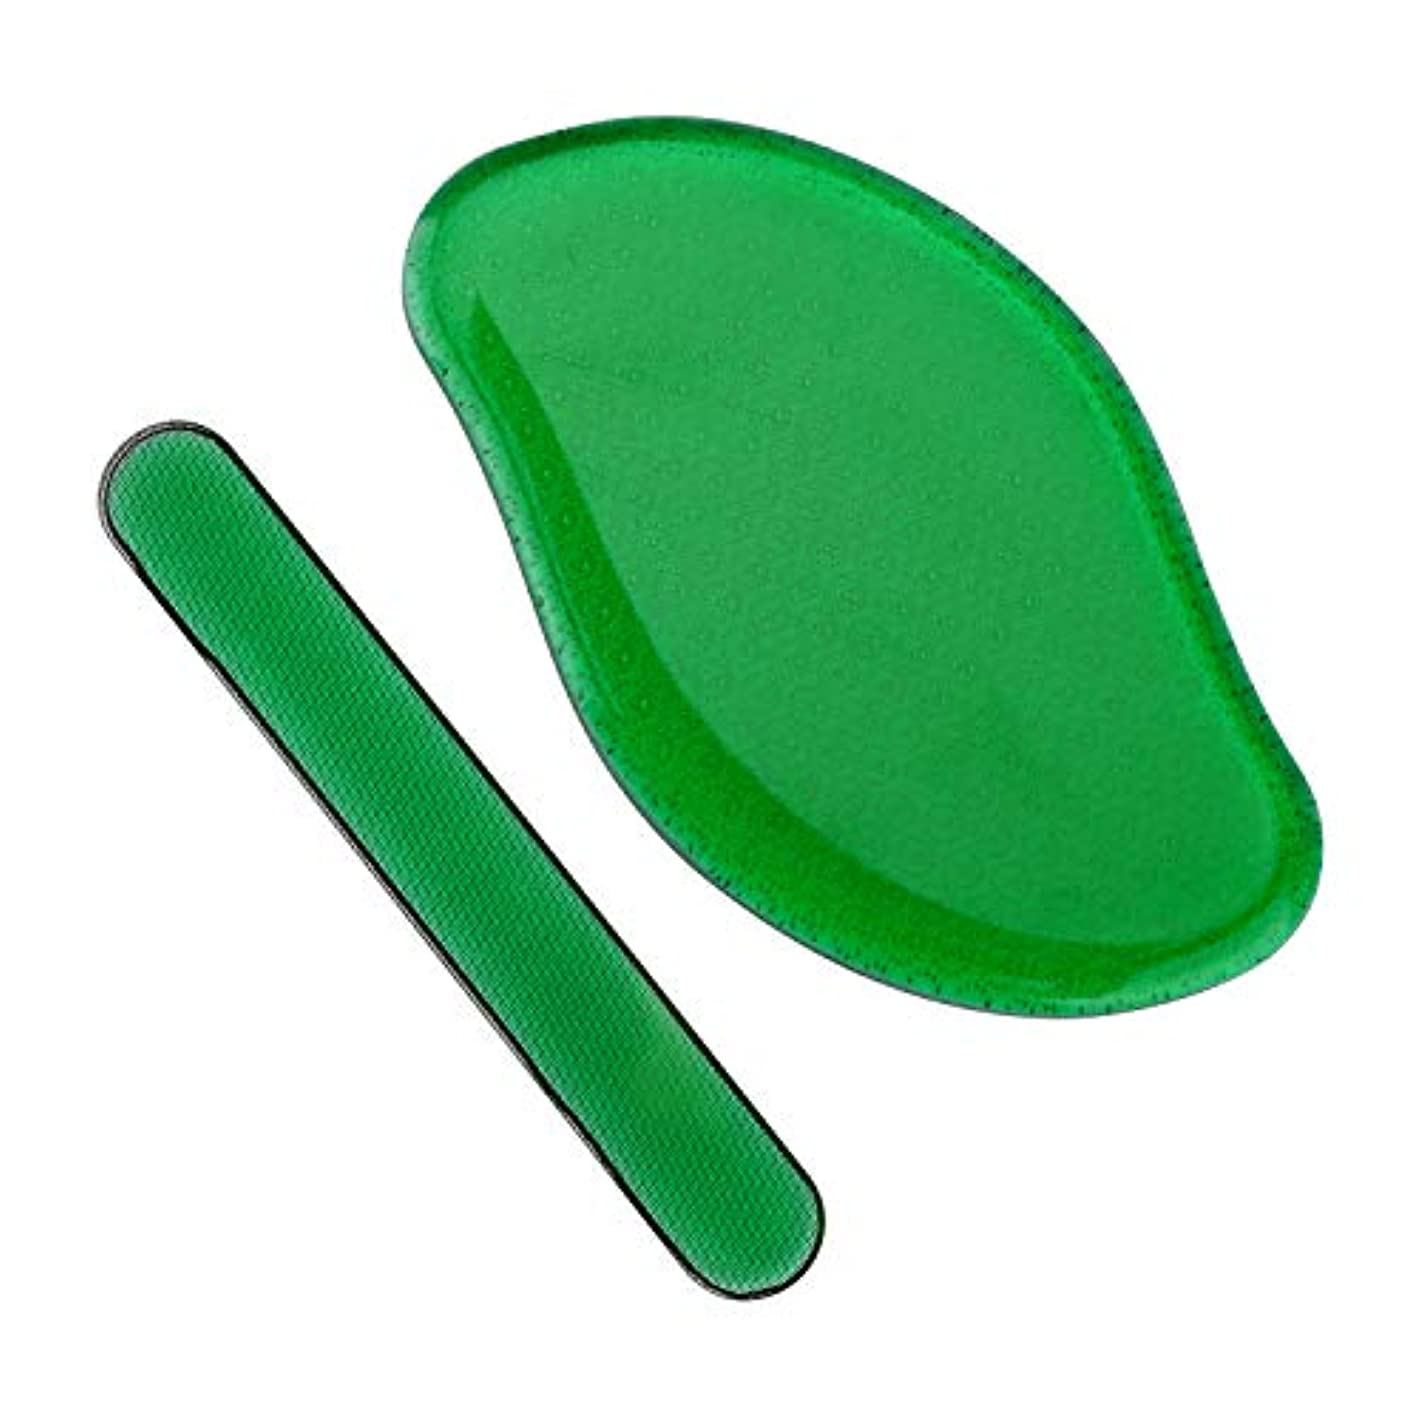 旅行運河温帯Shinenail ガラス製 かかと 角質取り かかと削り ガラス 爪磨き付き かかとやすり かかと磨き 角質除去 足 角質ケア ヤスリ 足裏 踵 フットケア 丸洗いOK 爪磨き付き